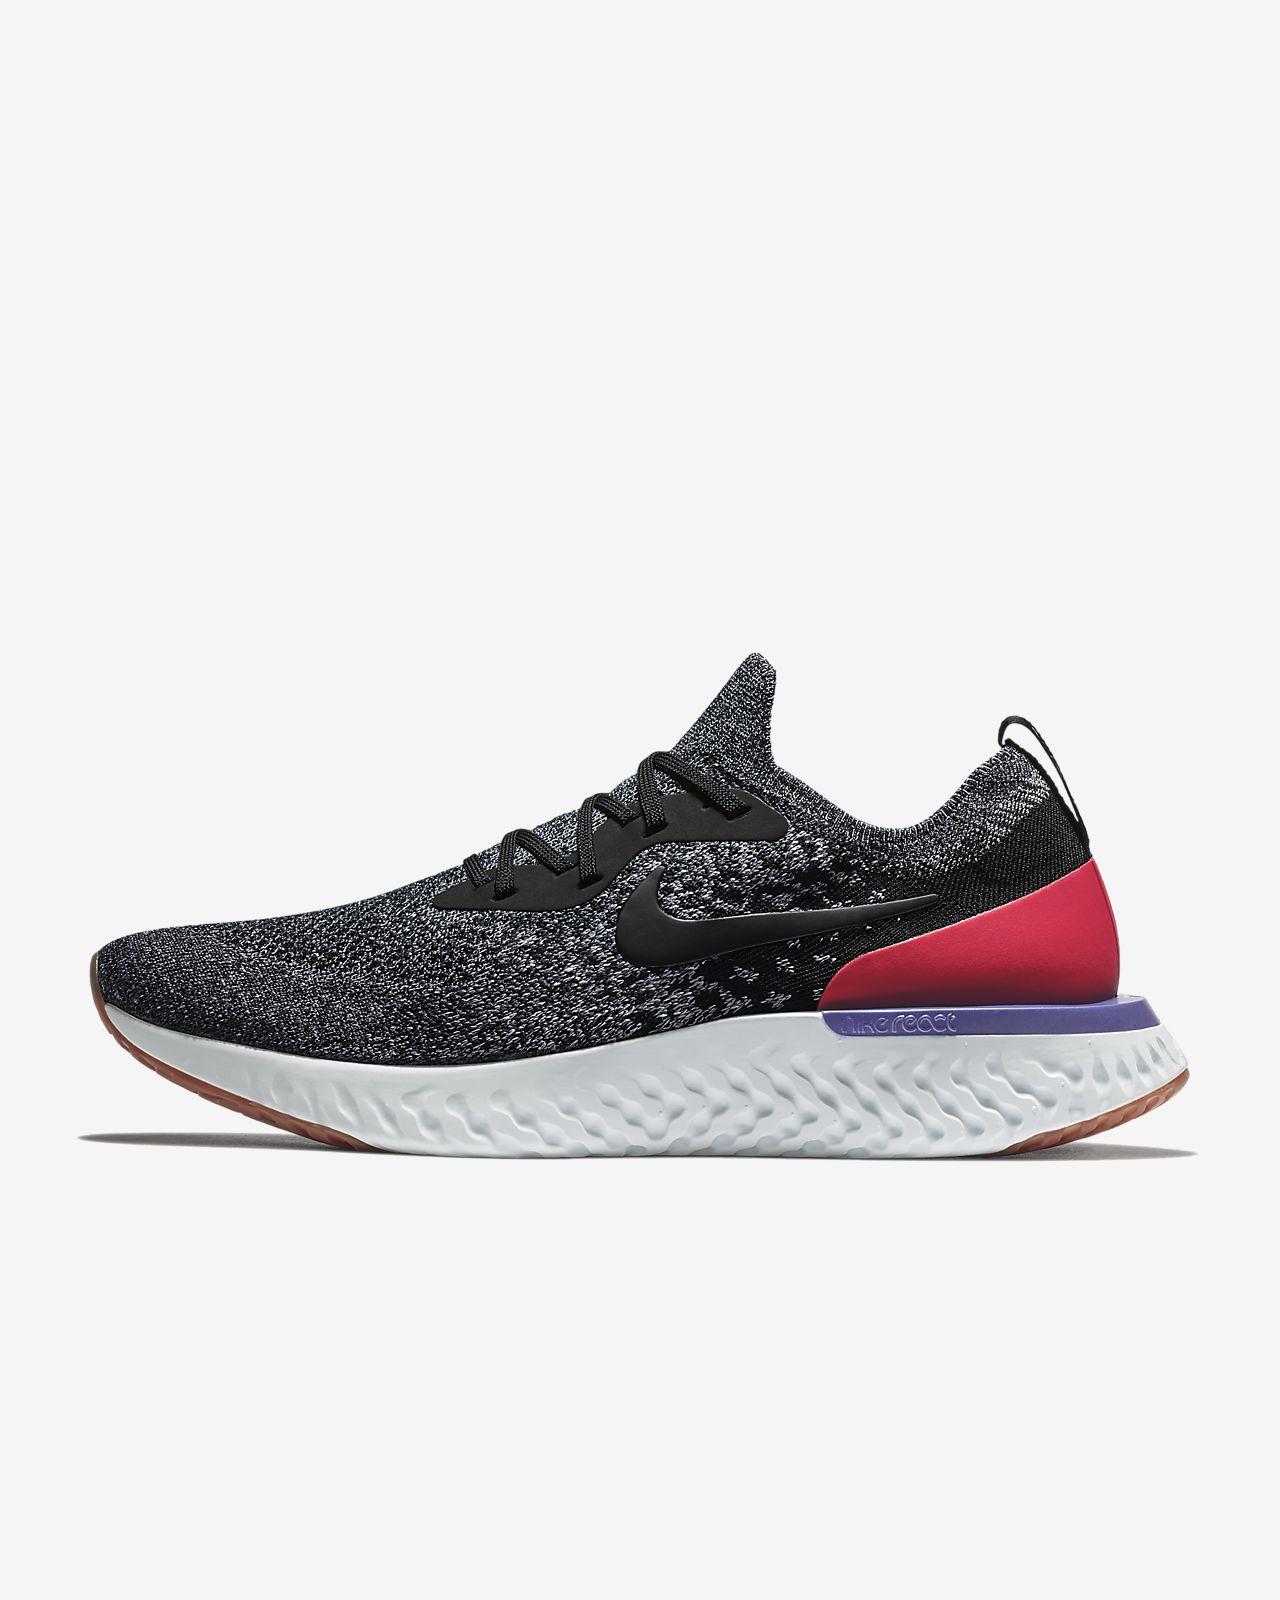 9599a51a66a9 Chaussure De Running Nike Nike Running Epic React Flyknit Pour Ch 223ffd